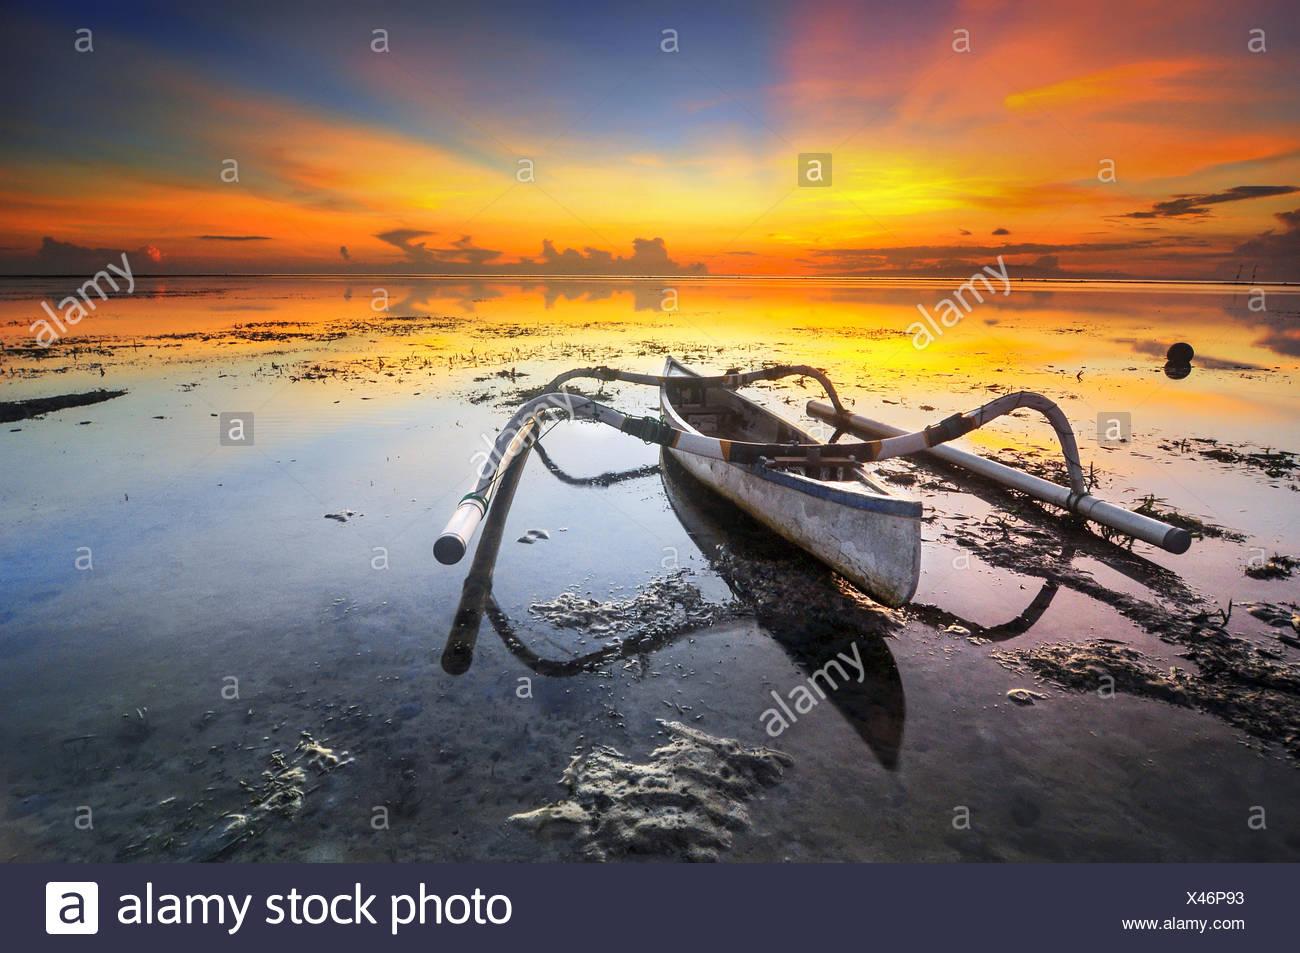 Indonesia, Bali, el barco superficial durante la puesta de sol Imagen De Stock